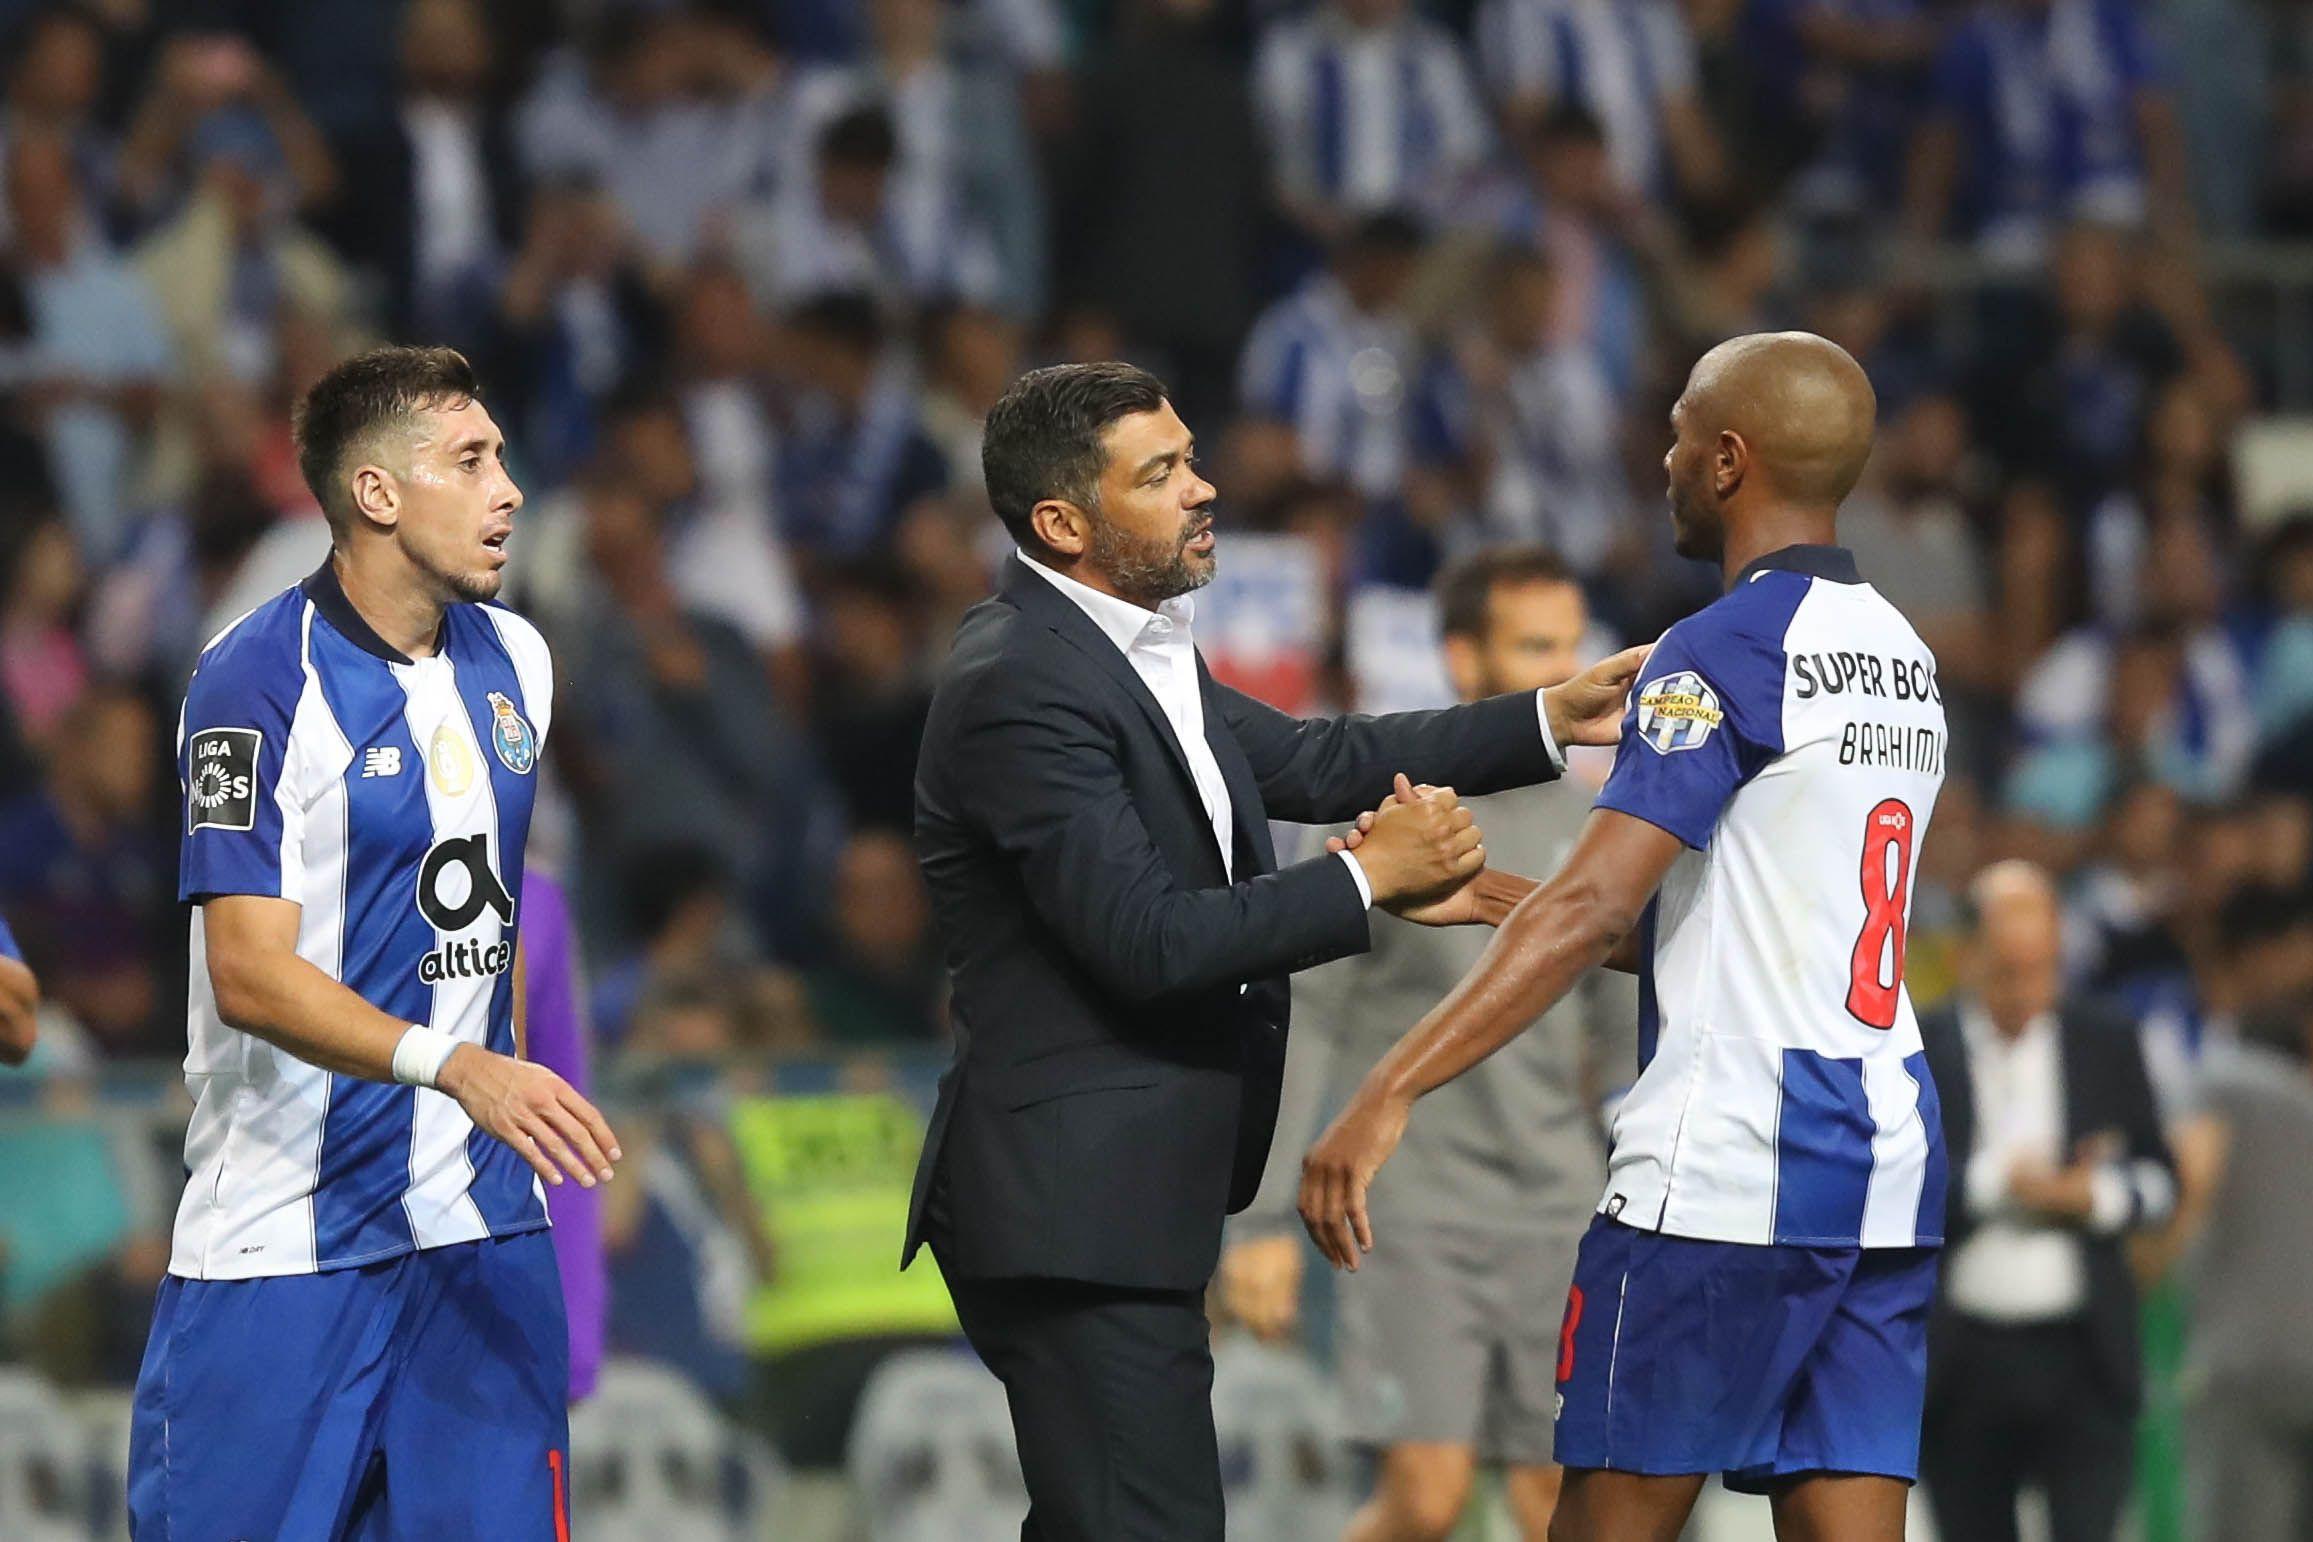 Faltam cinco dias para o FC Porto ver 46 milhões de euros a 'voar'